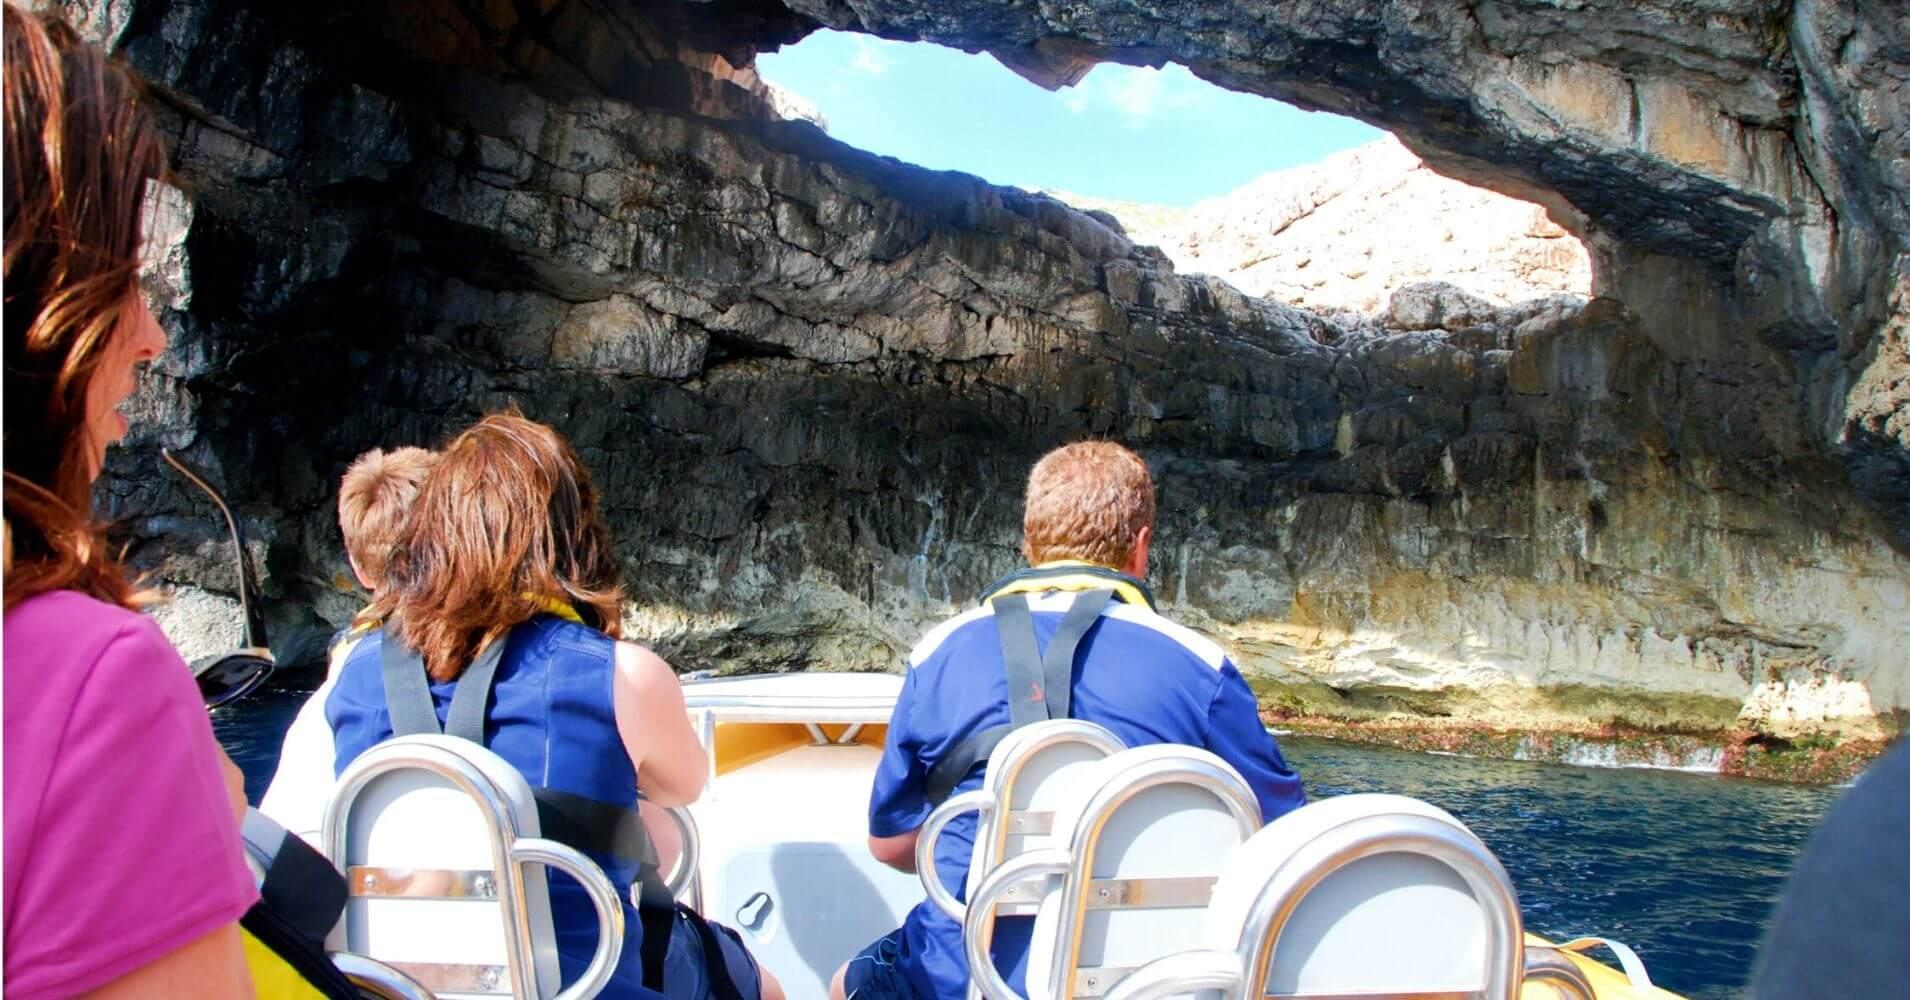 Mar Cabrera Speed Boat en Cabrera. Excursión en Lancha Rápida a La Isla de La Cabrera. Islas Baleares.